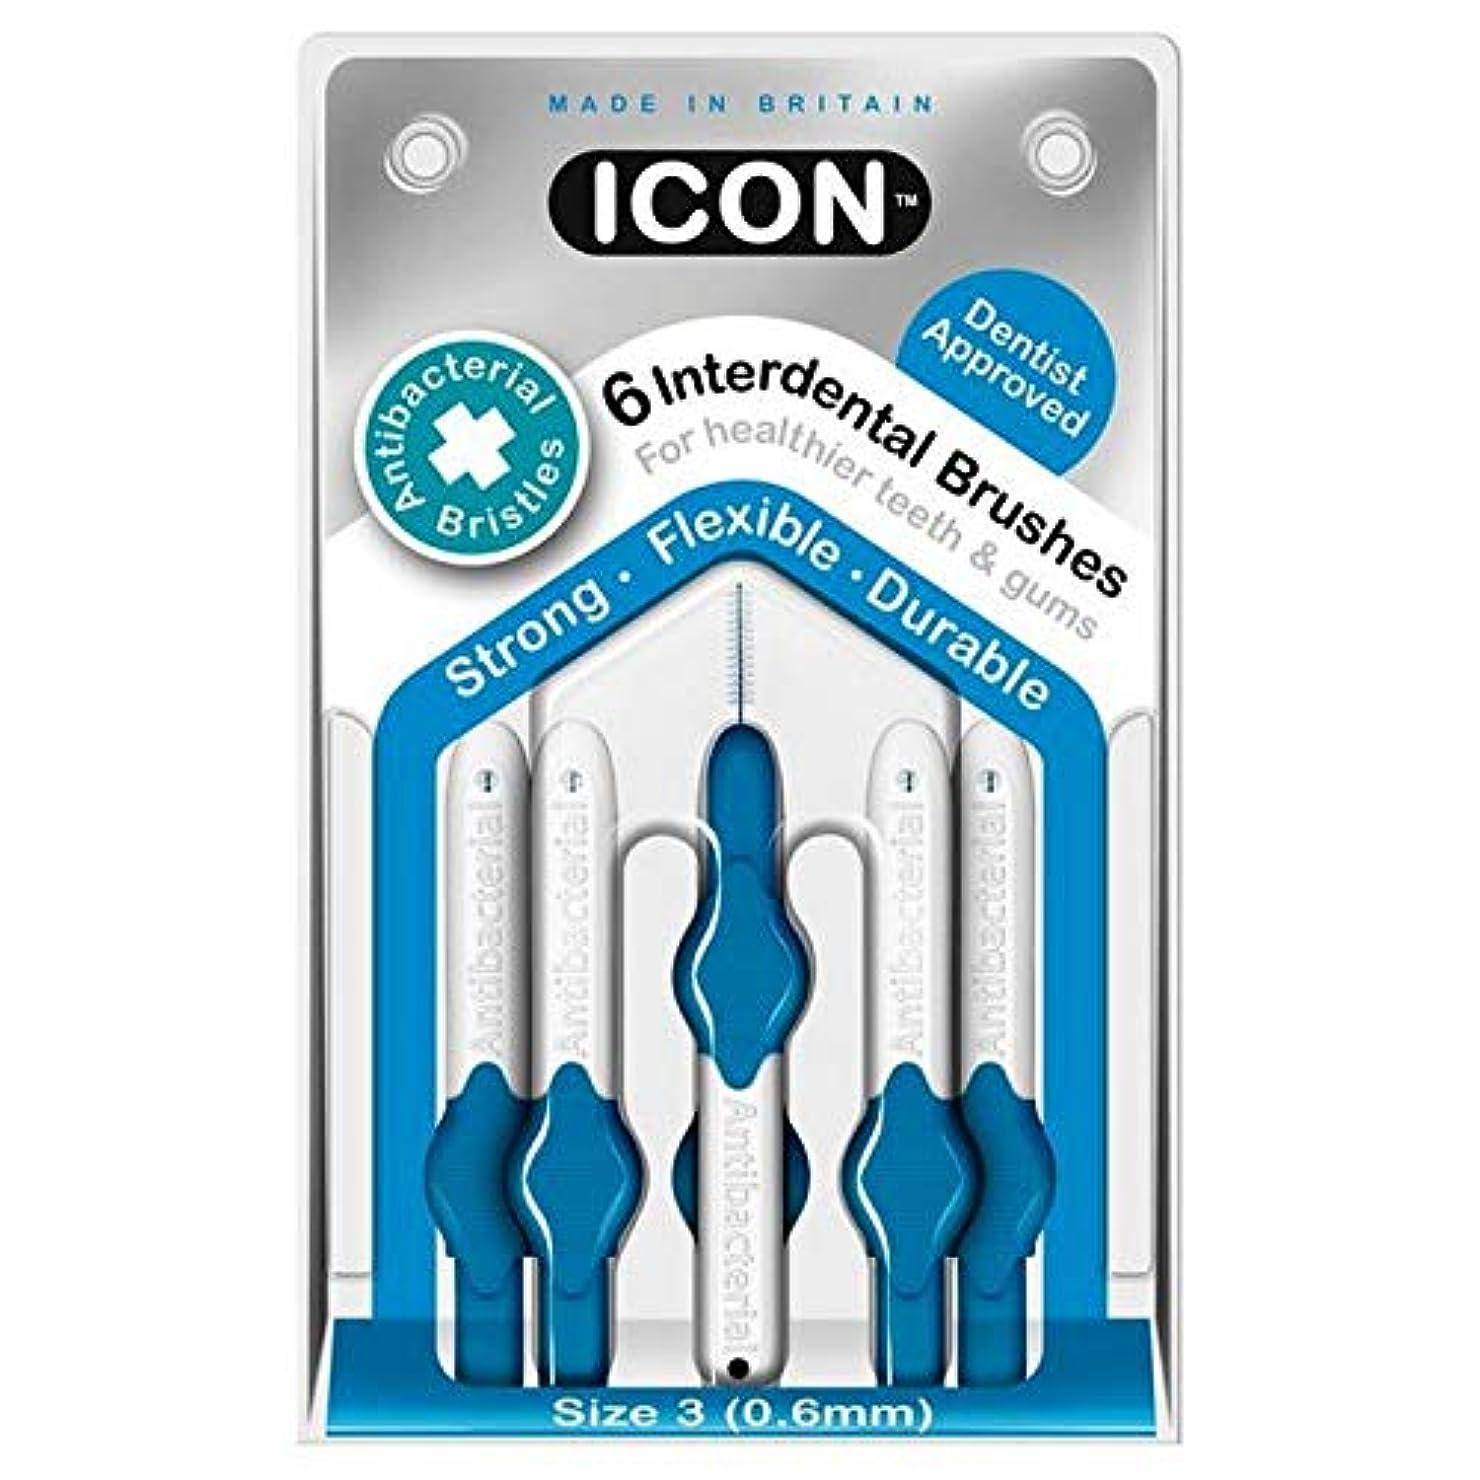 くつろぎ主流異常な[Icon ] アイコンの歯間には、パックあたり0.6ミリメートル6ブラシ - Icon Interdental Brushes 0.6mm 6 per pack [並行輸入品]